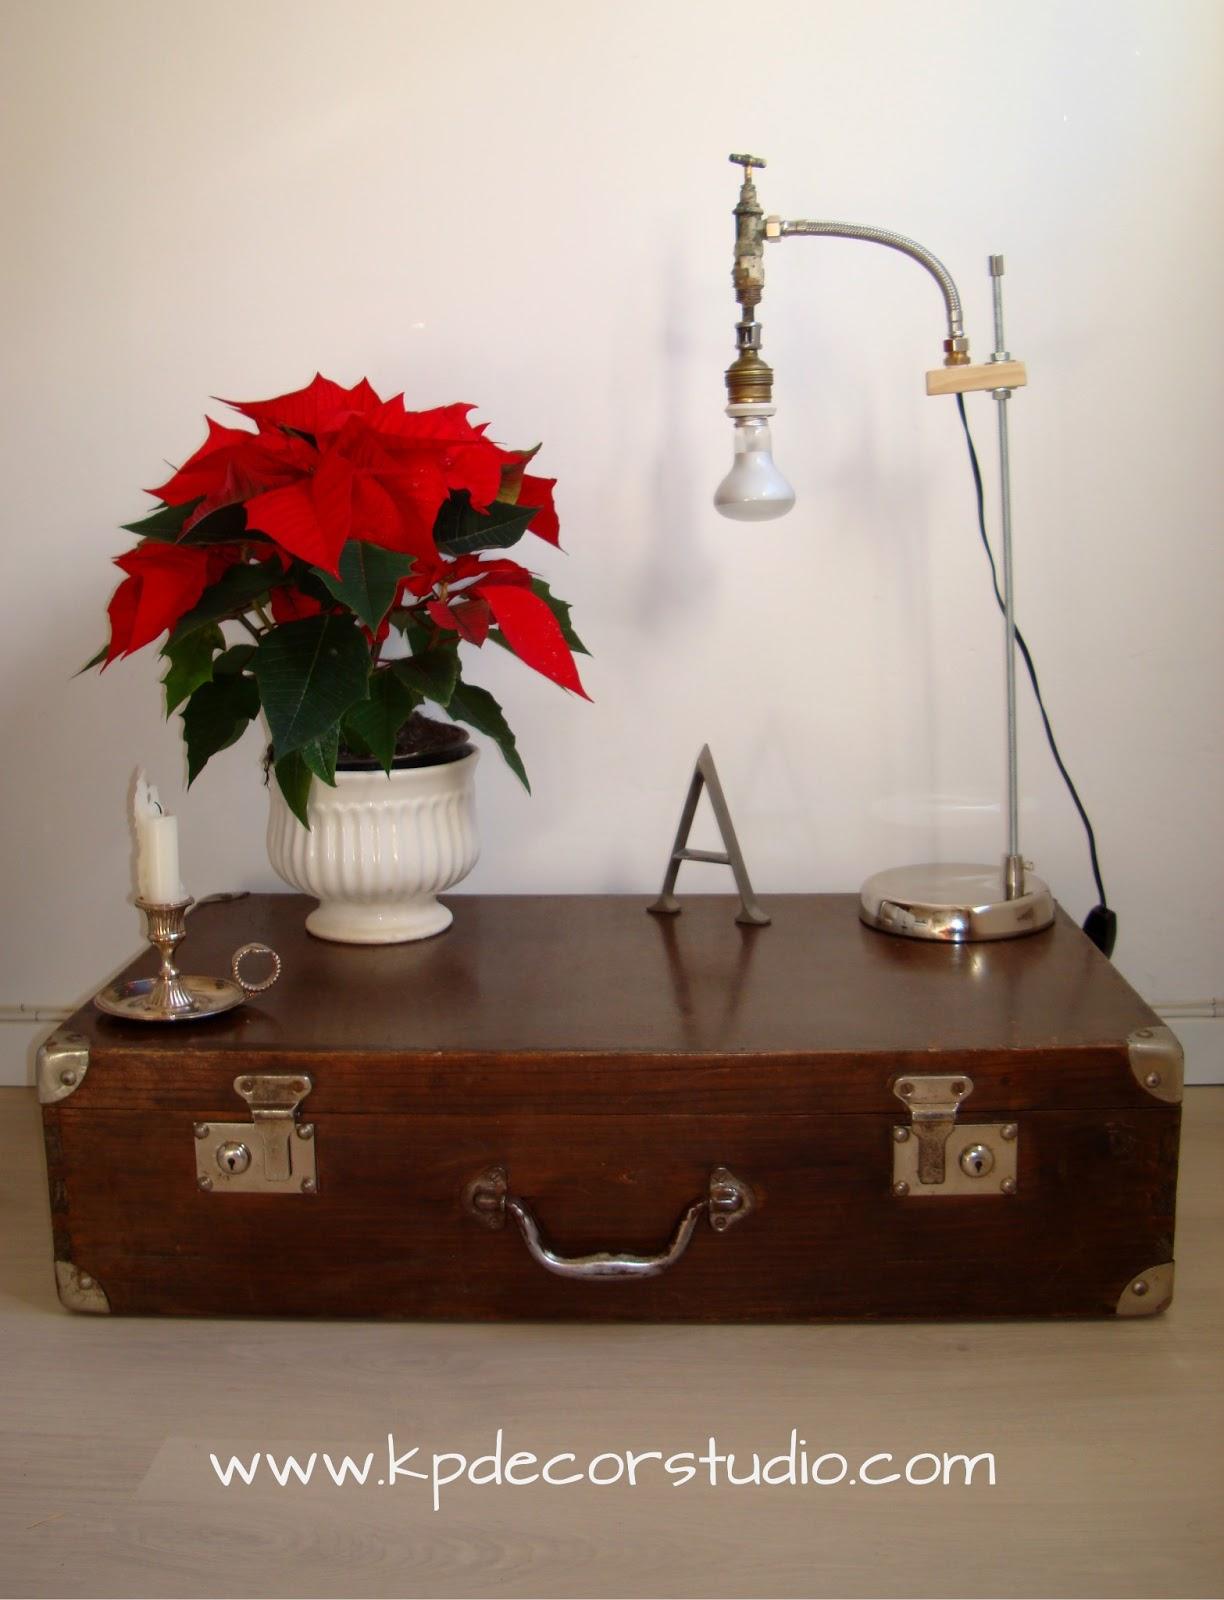 Kp tienda vintage online comprar maleta antigua para for Maletas antiguas online